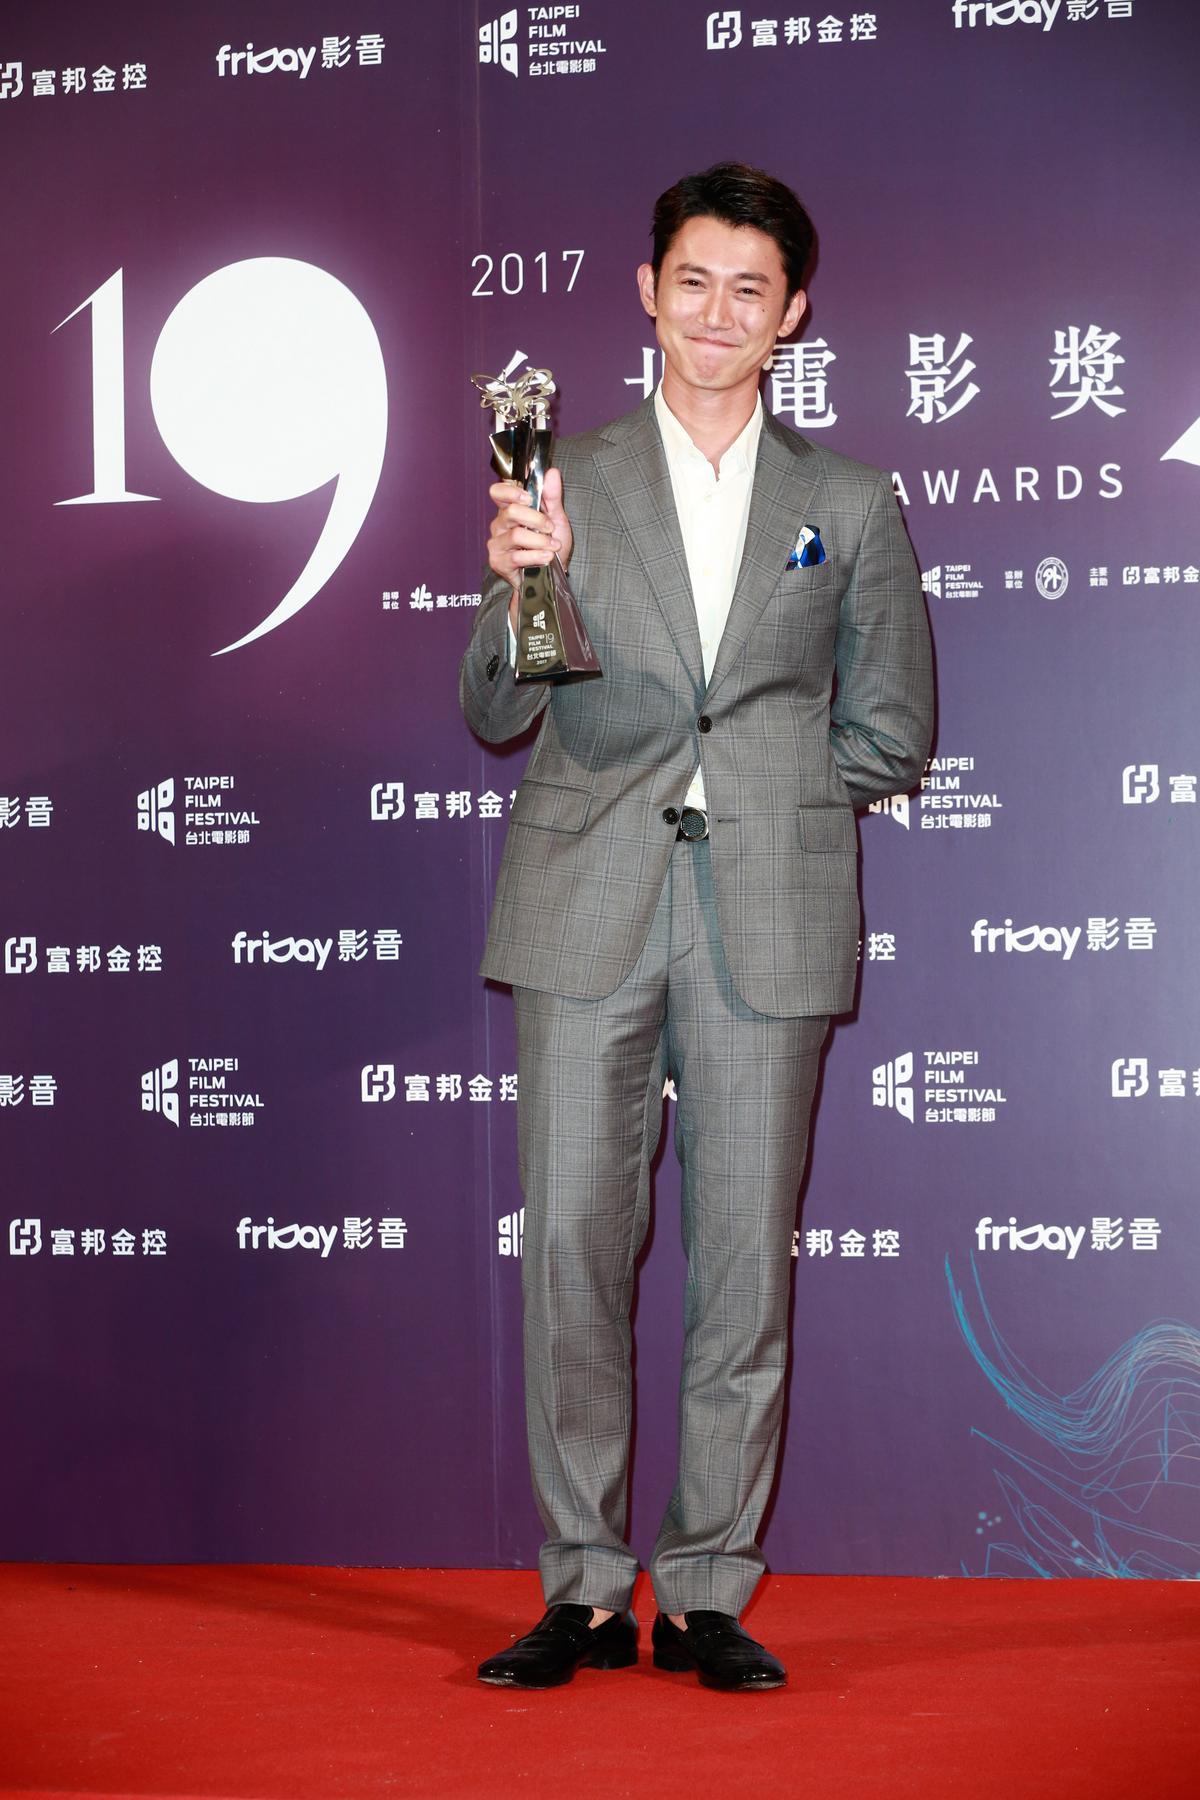 吳慷仁以《白蟻慾望迷惘》奪下最佳男主角獎。